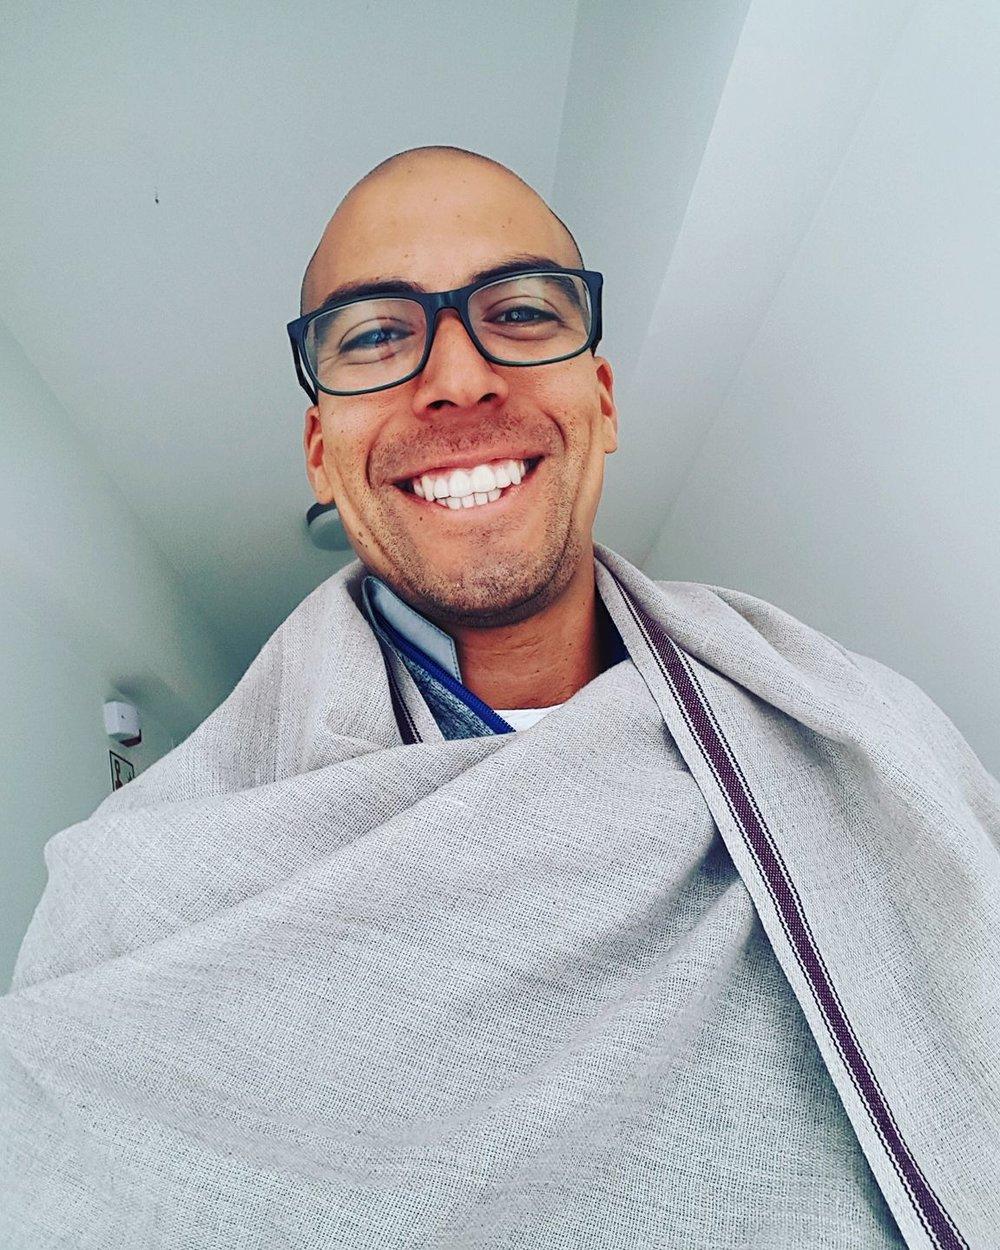 Saulo Zárate   Instructor de Vinyasa Yoga Certificado por Yoga Alliance e instructor de El Arte de Vivir. Tambien trabaja como entrenado funcional.